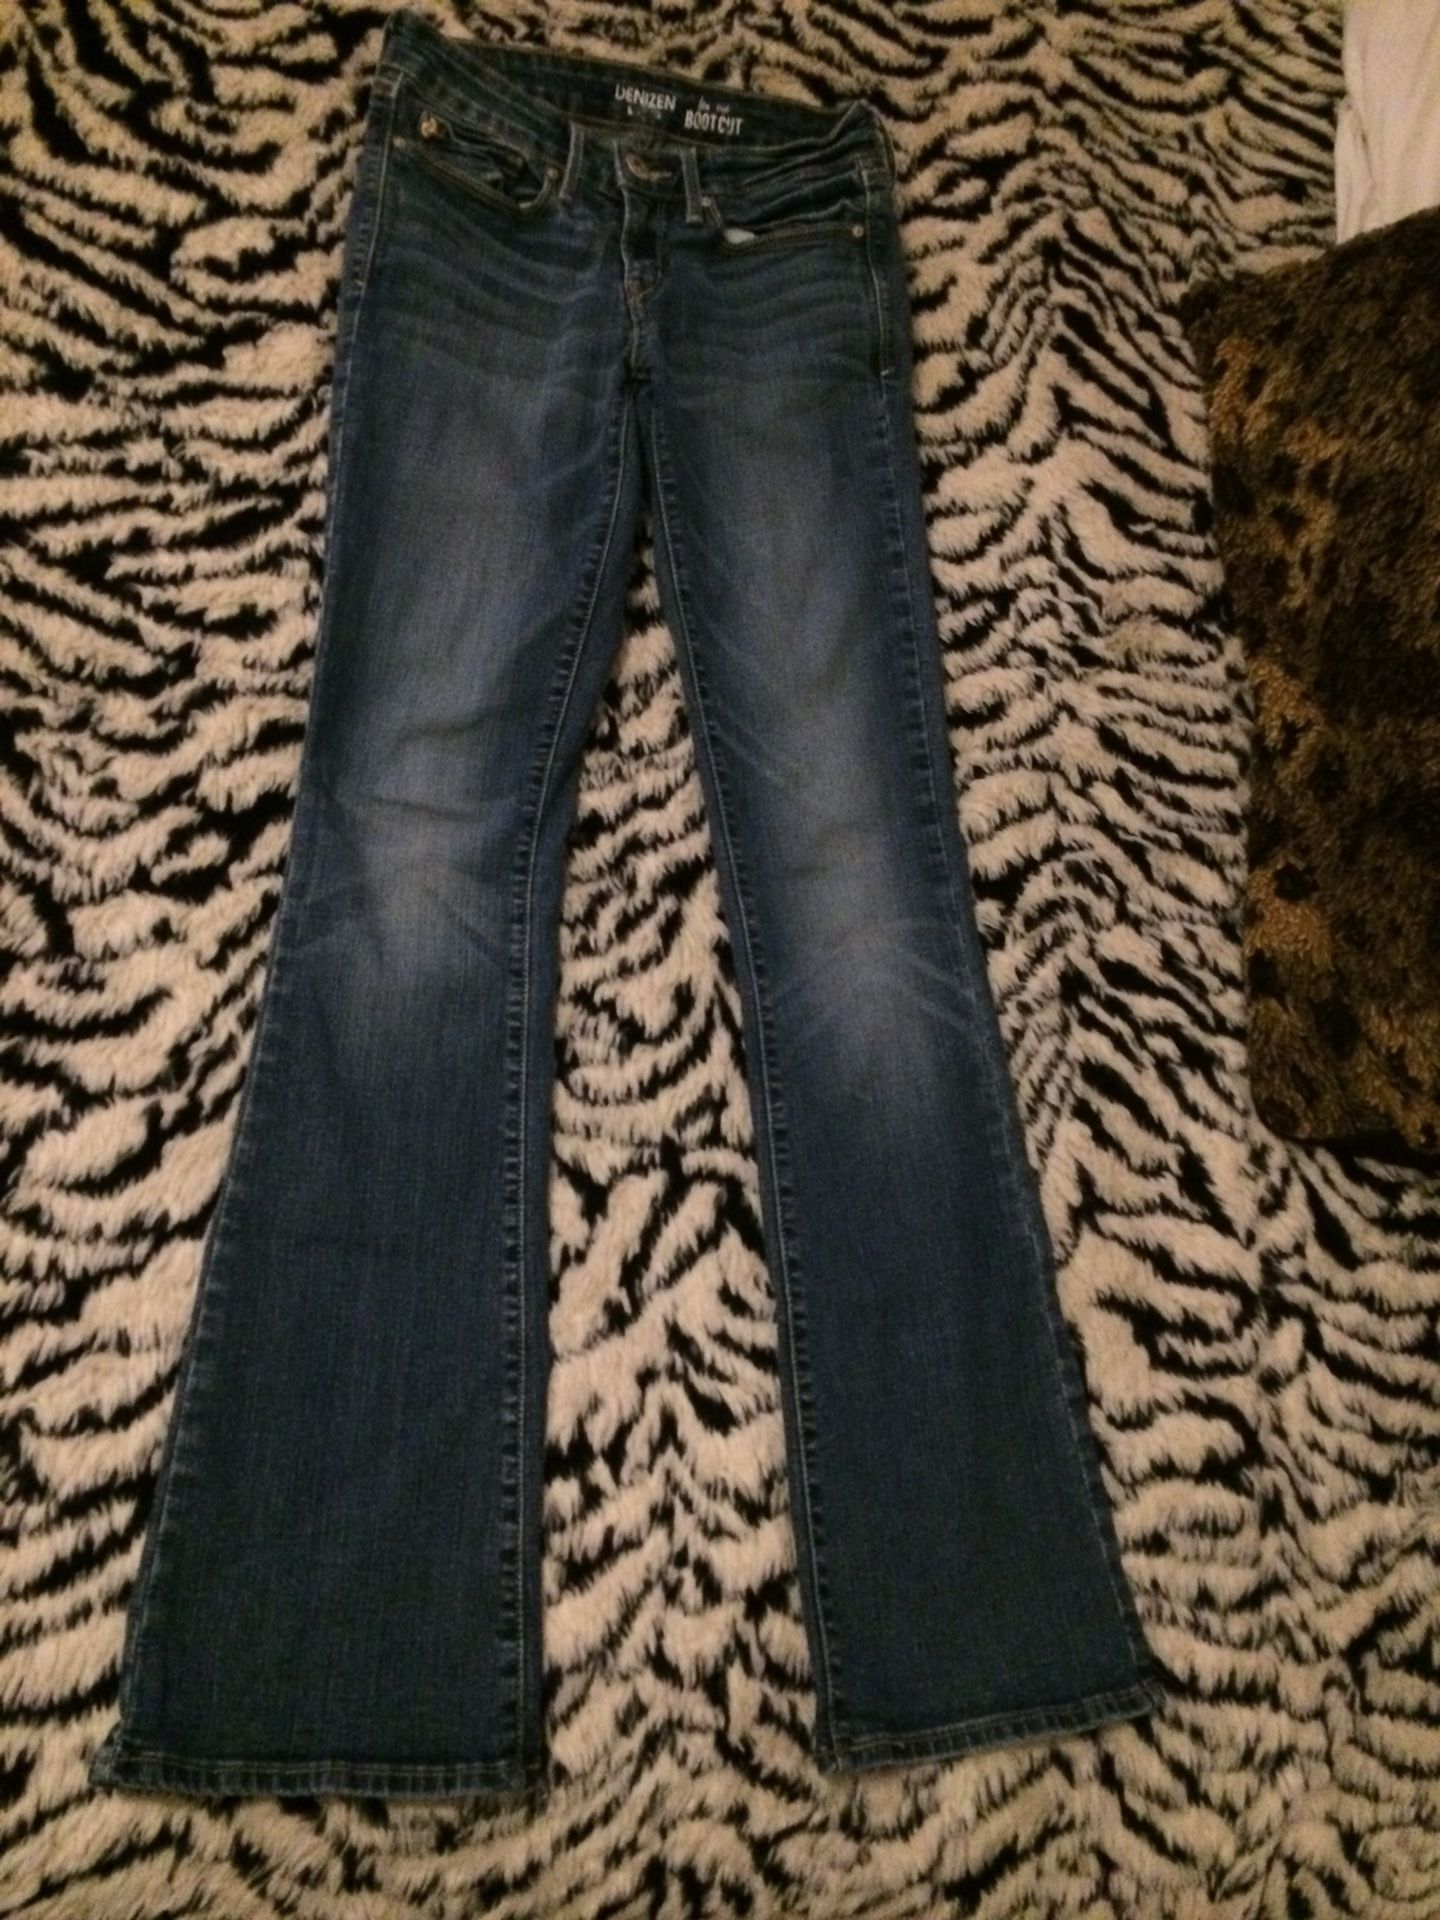 Denzen Levi Low Rise Bootcut Jeans